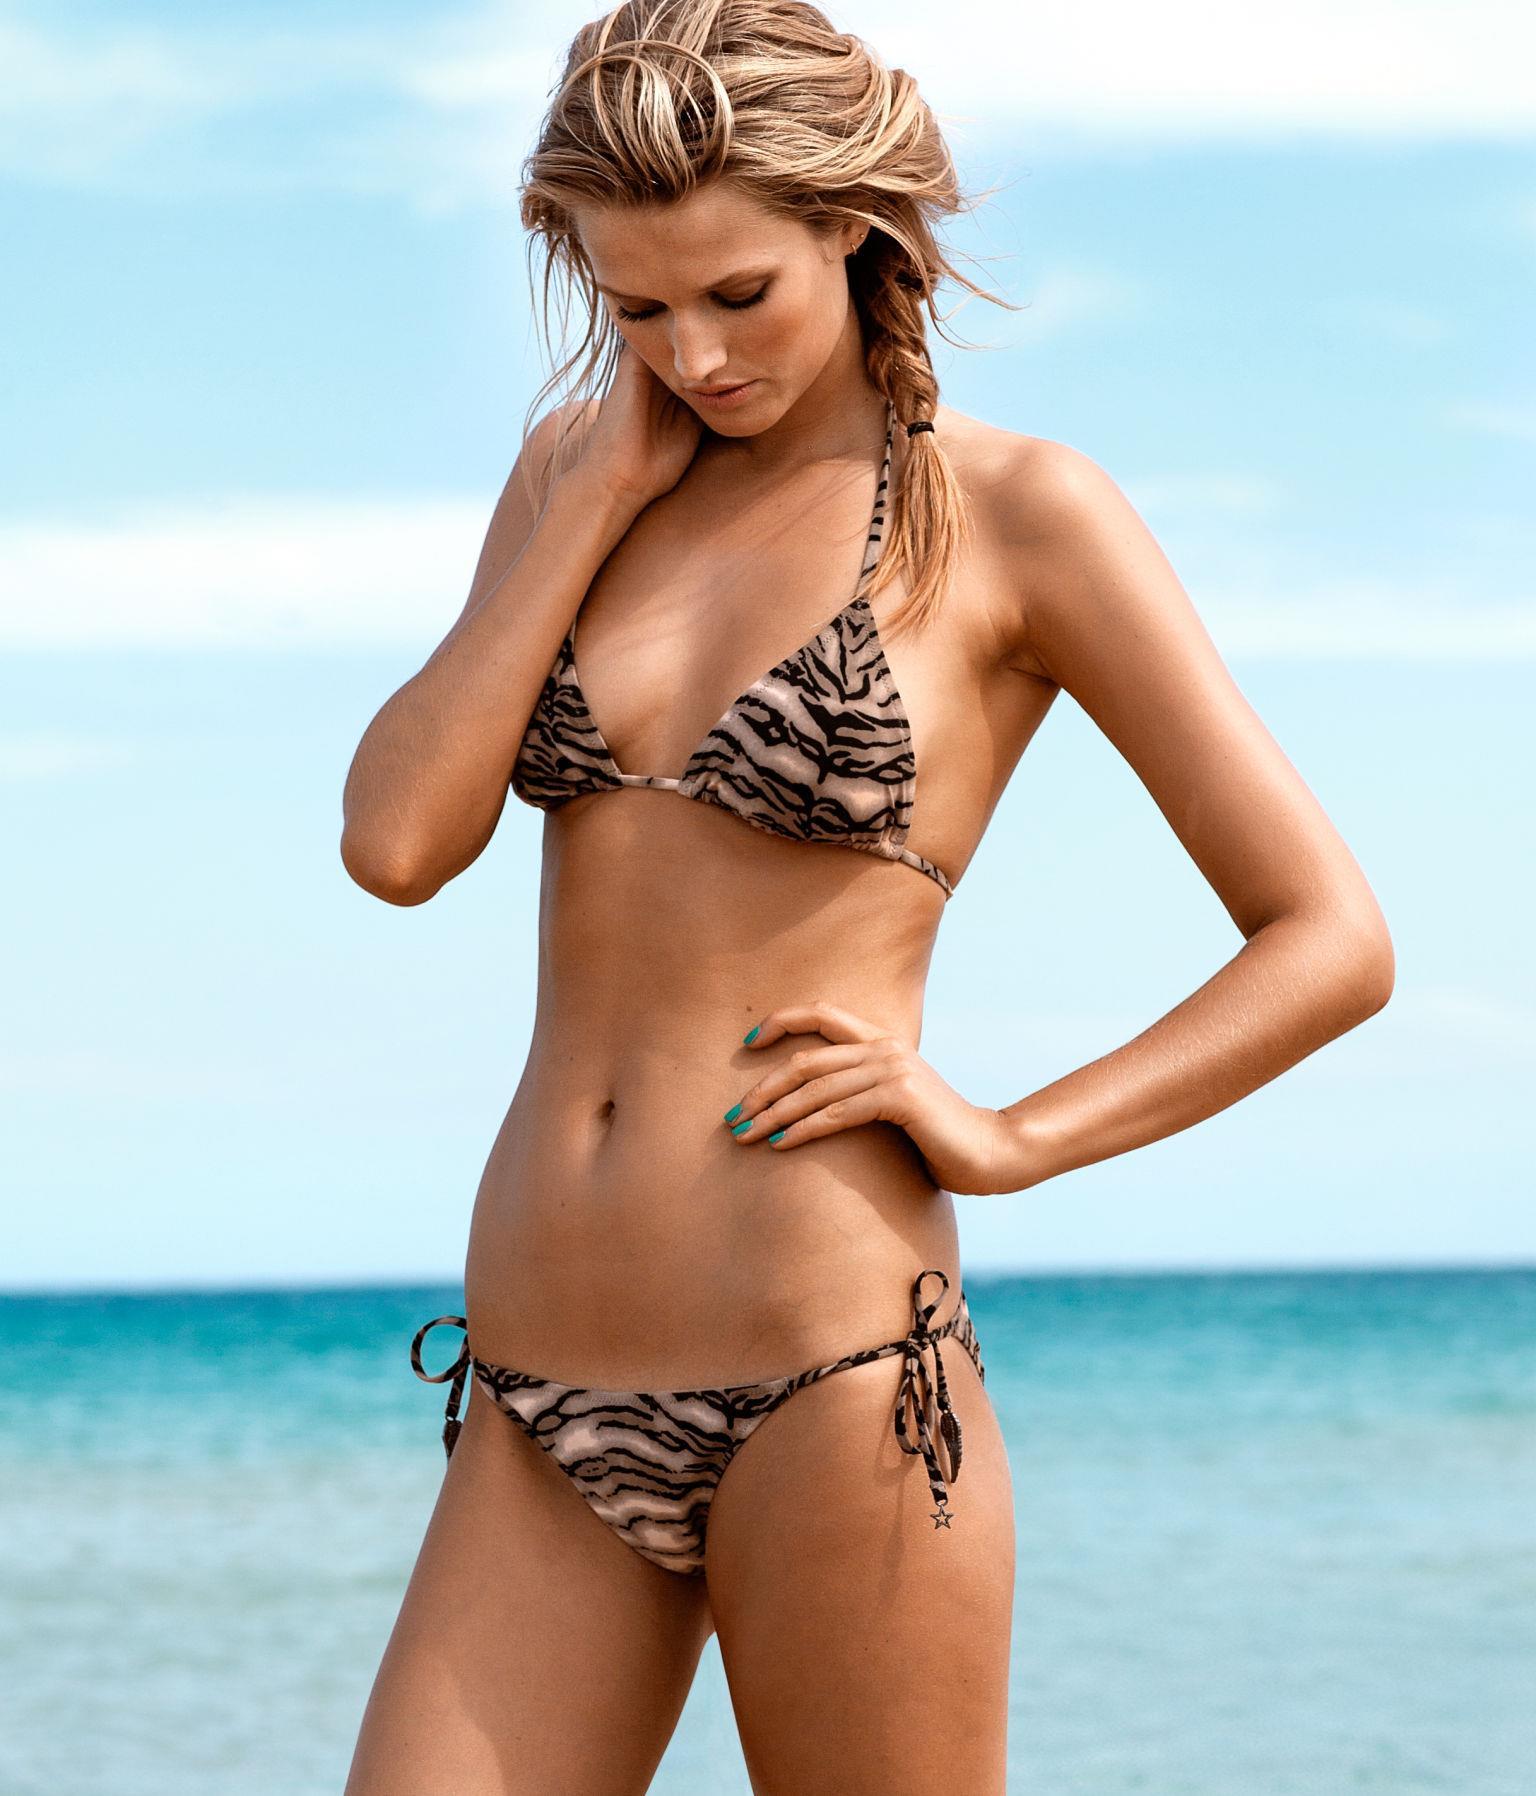 Toni Garrn in a bikini